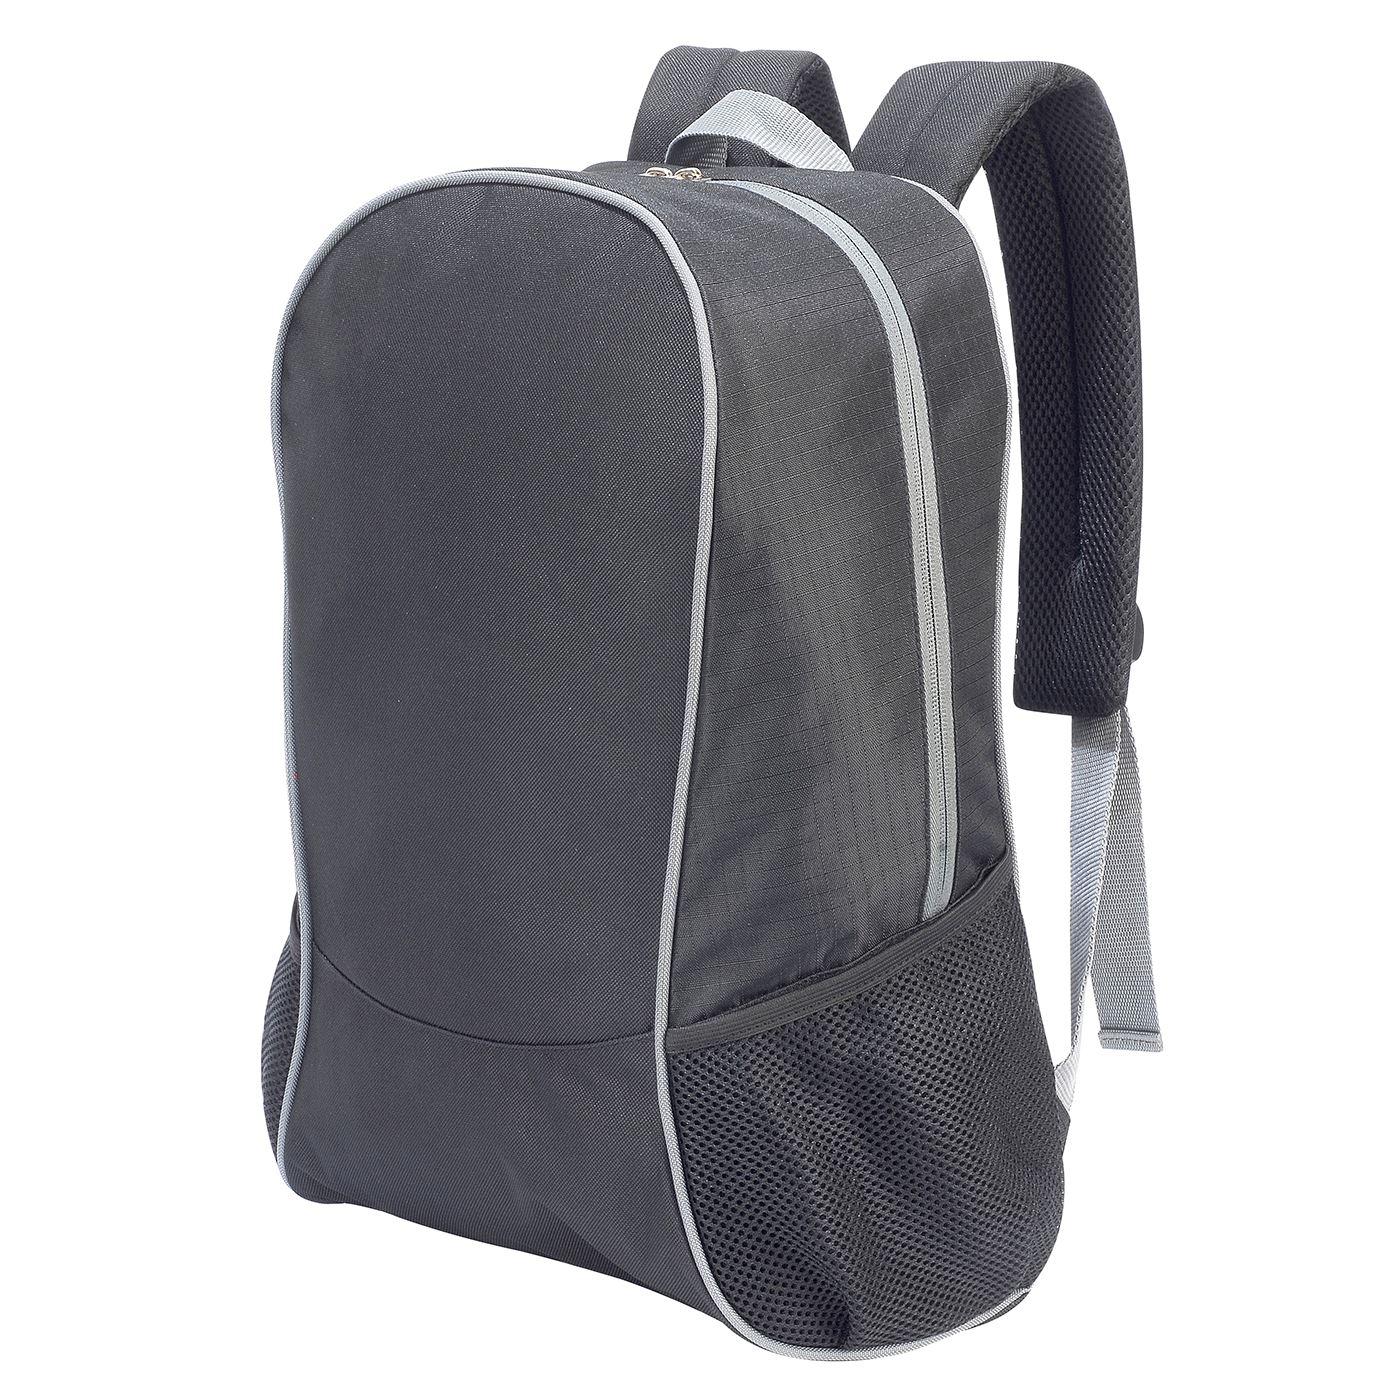 Tokyo zaino con tasca per laptop 7658 shugon bags for Decorazione zaino